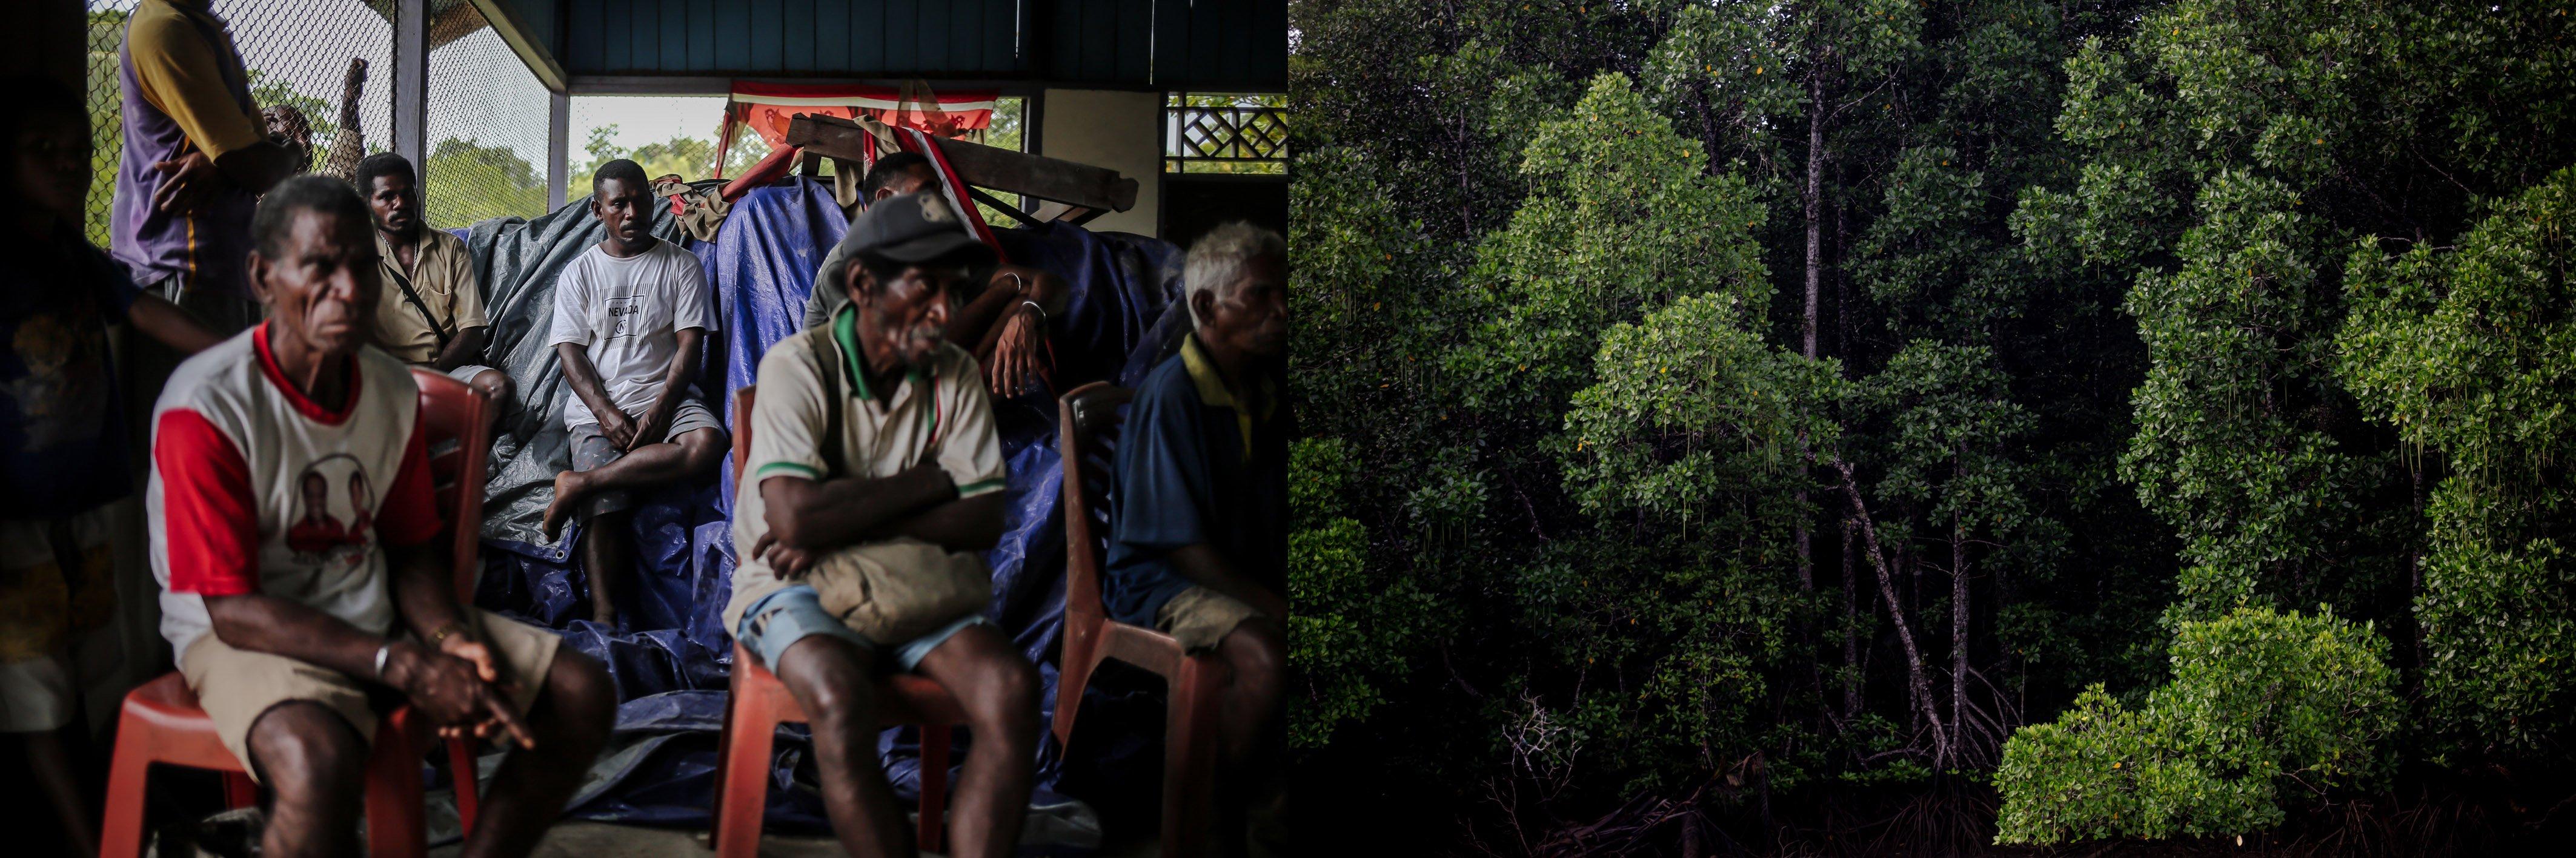 Masyarakat adat Suku Moi berkumpul di sanggar saat musyawarah pemilihan Kepala Kampung di Distrik Waimon, Kabupaten Sorong, Papua Barat, Senin, (20/9/2021). Suku Moi merupakan suku adat terbesar di Kabupaten Sorong, bagi mereka hutan ibarat ibu kandung yang melahirkan dan menyusui, dalam bahasa aseli Moi \